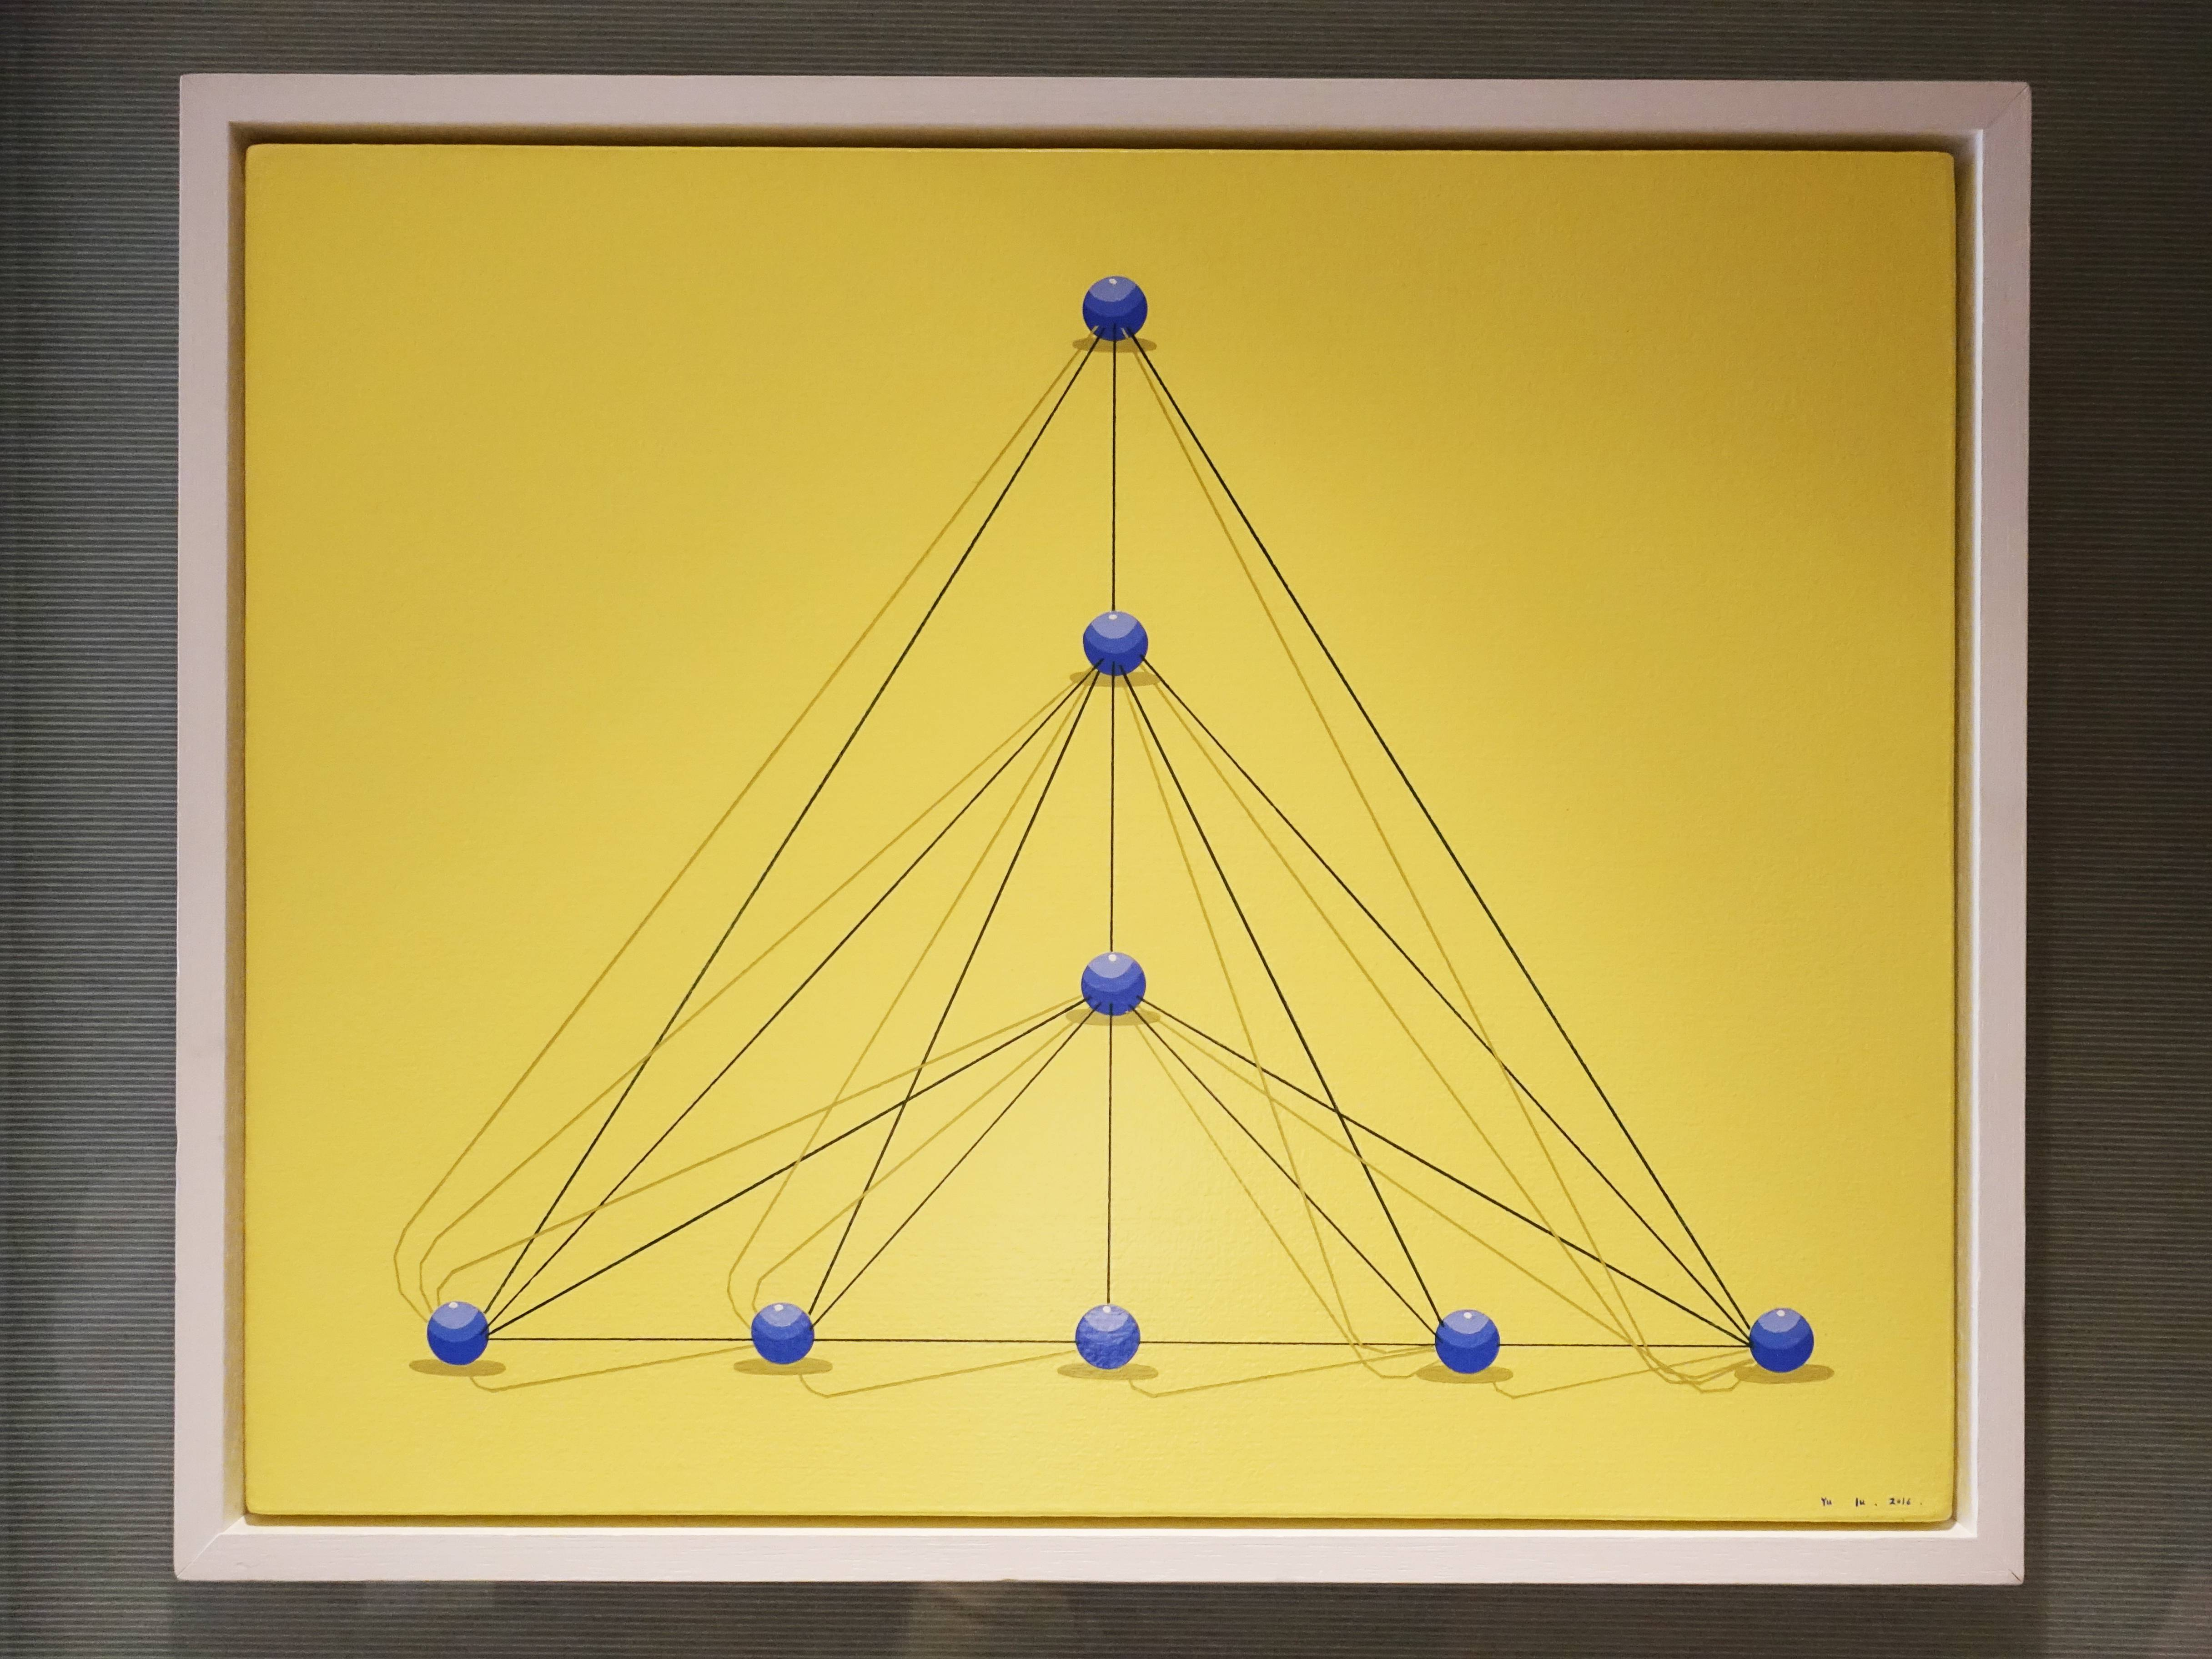 時代畫廊藝術家 - 禹露,《三角形》,40 x 50 cm,丙烯,2016。